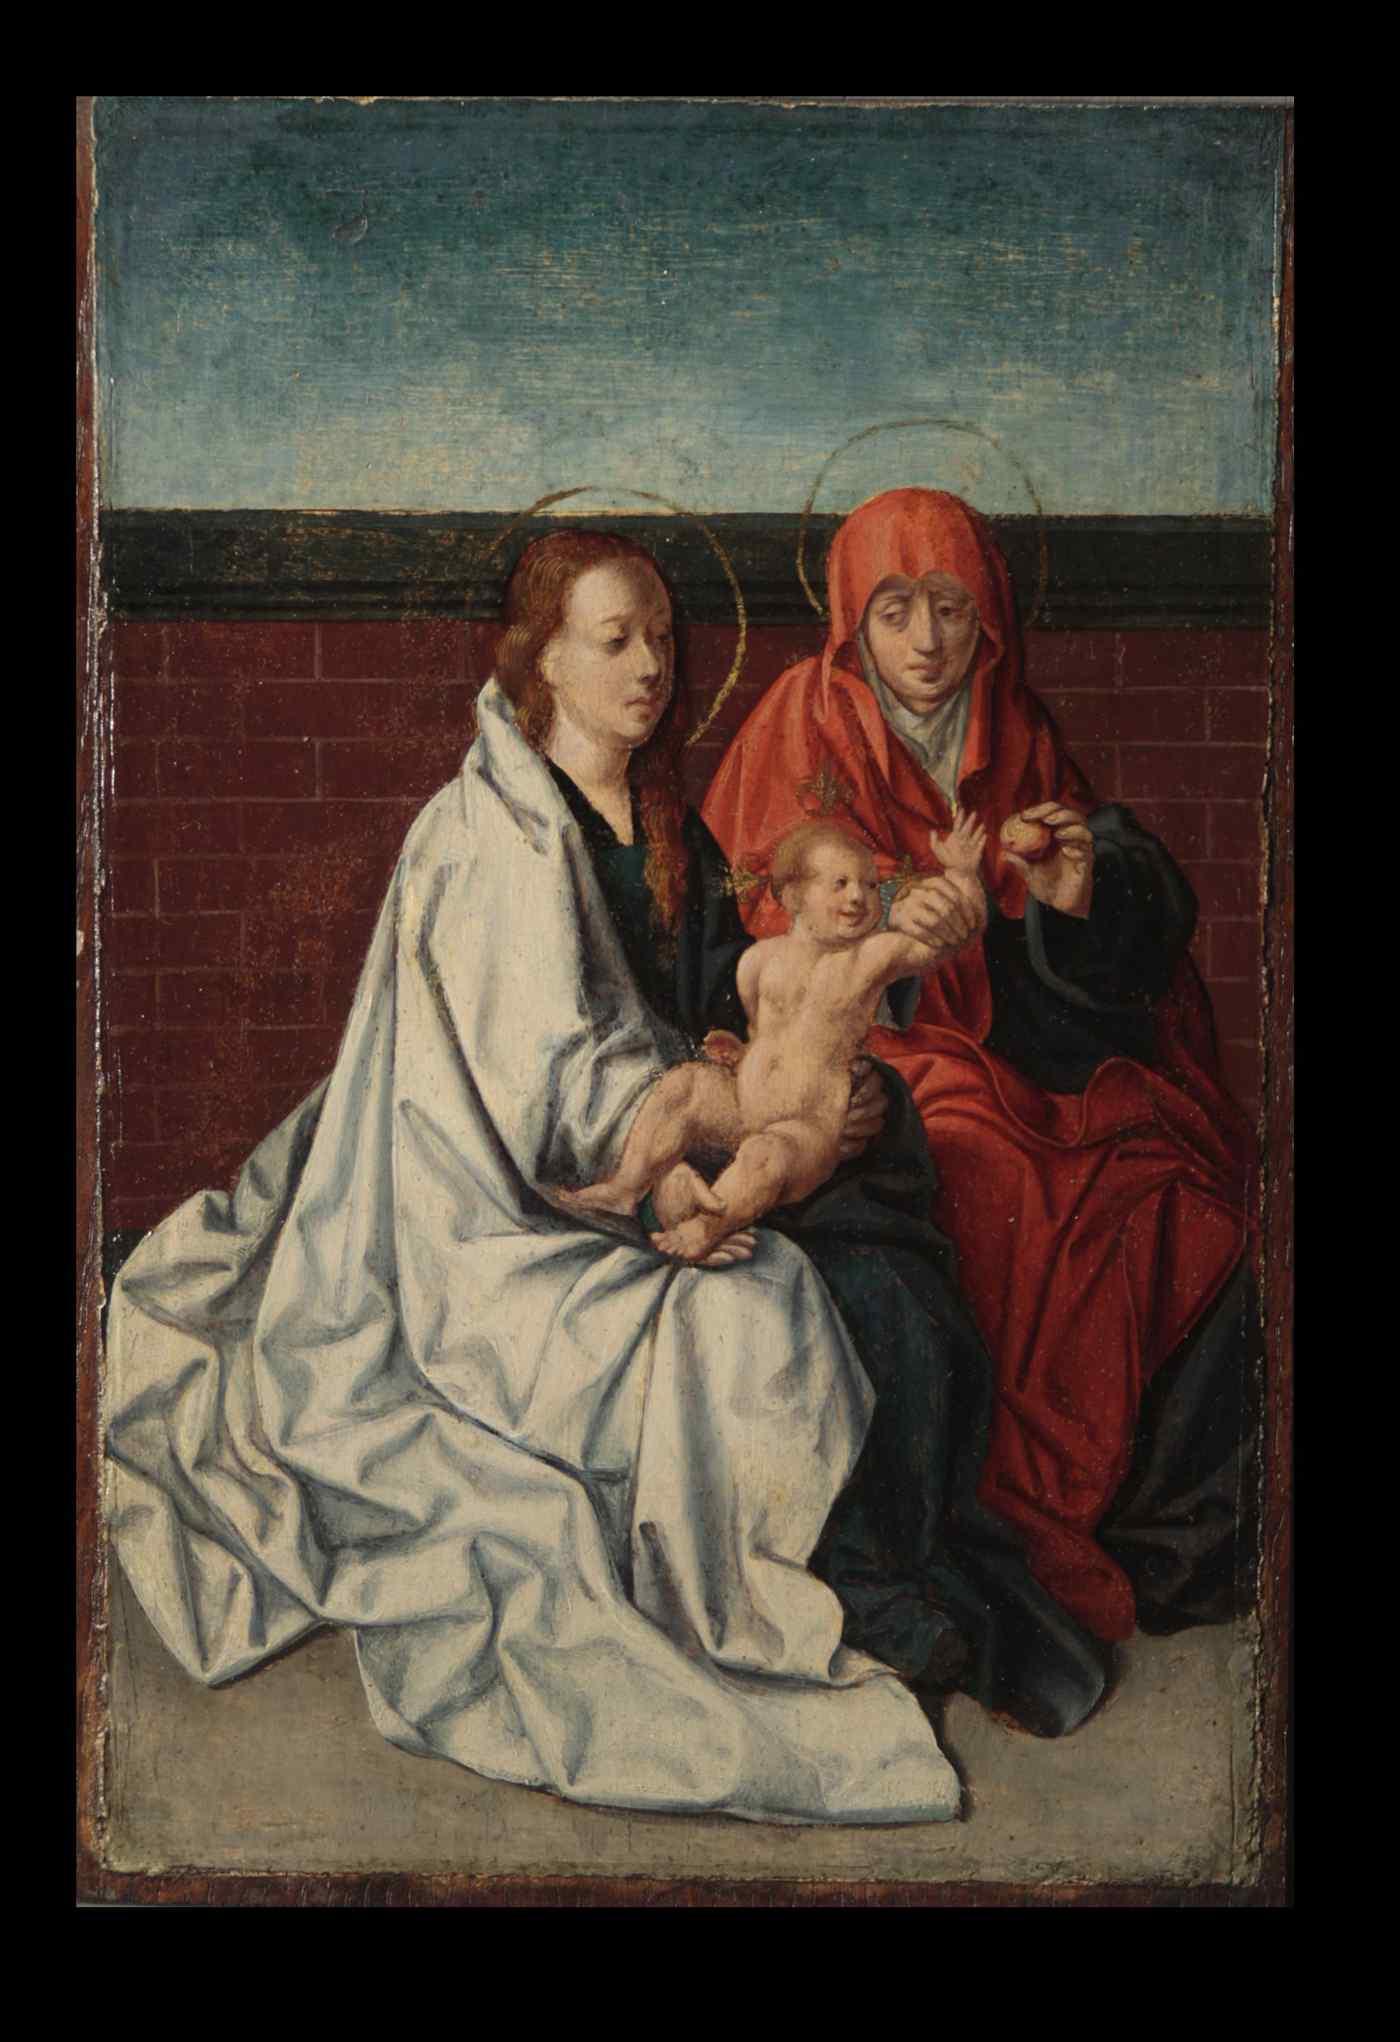 Vergine con Bambino e S.Anna, maestro Fiammingo, c. 1520